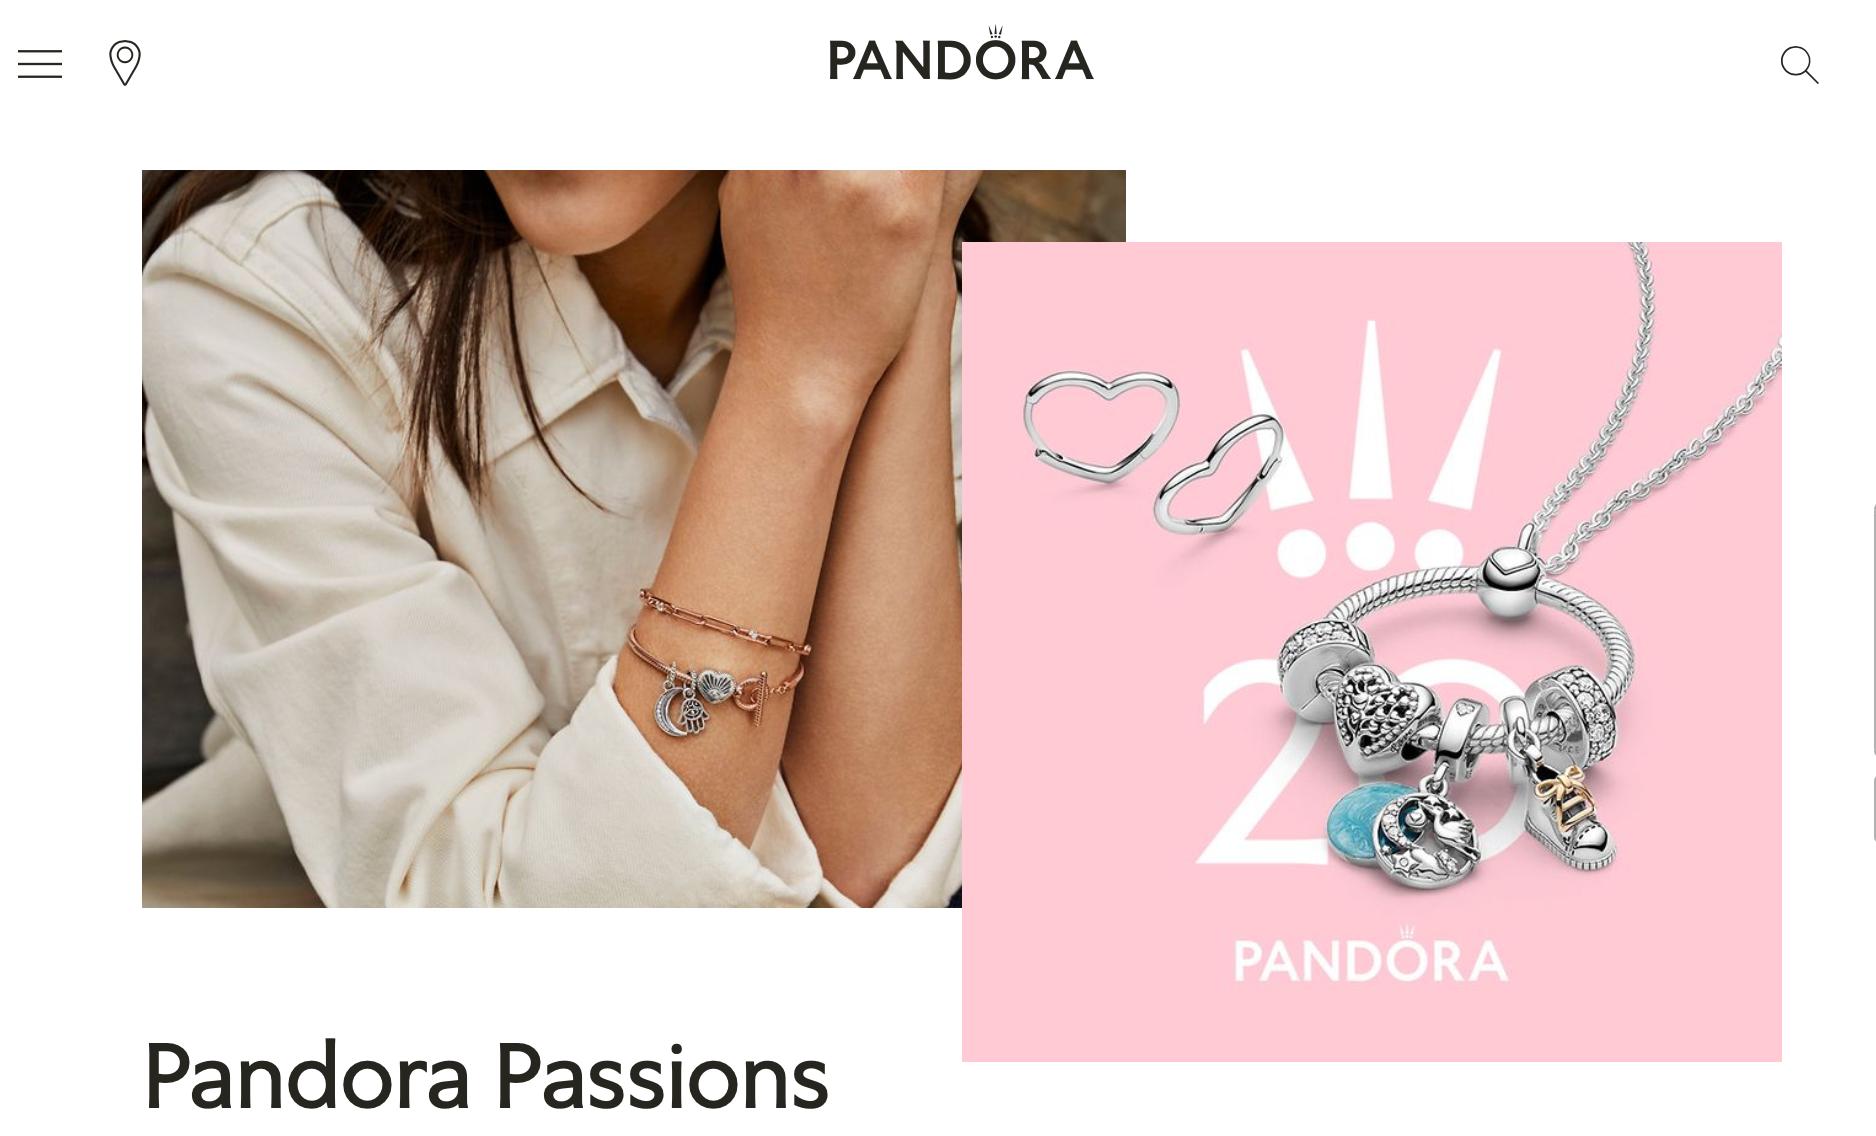 丹麦珠宝品牌 Pandora 11月实现有机增长,线上业务增长抵消实体销售下降